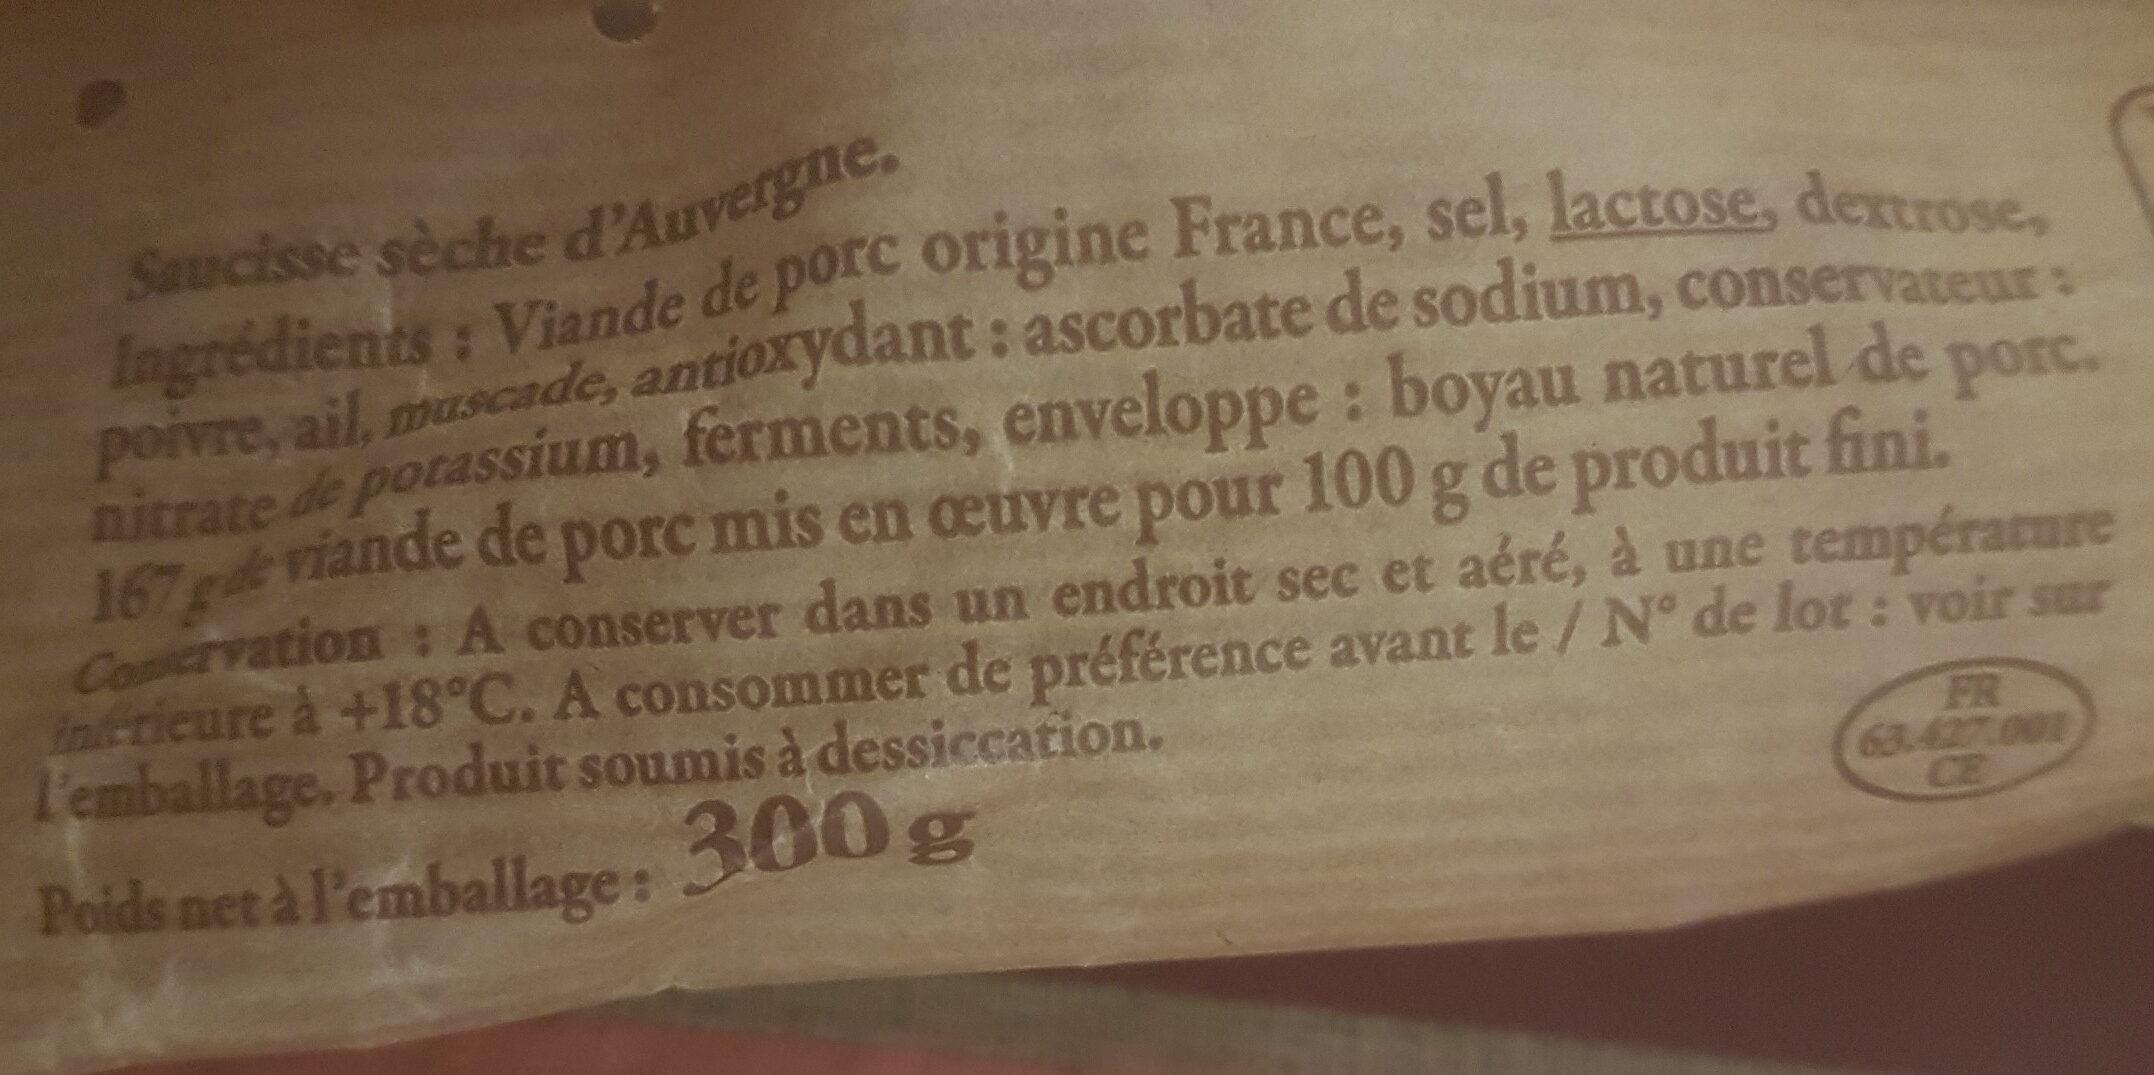 Saucisse sèche d'Auvergne - Ingrédients - fr